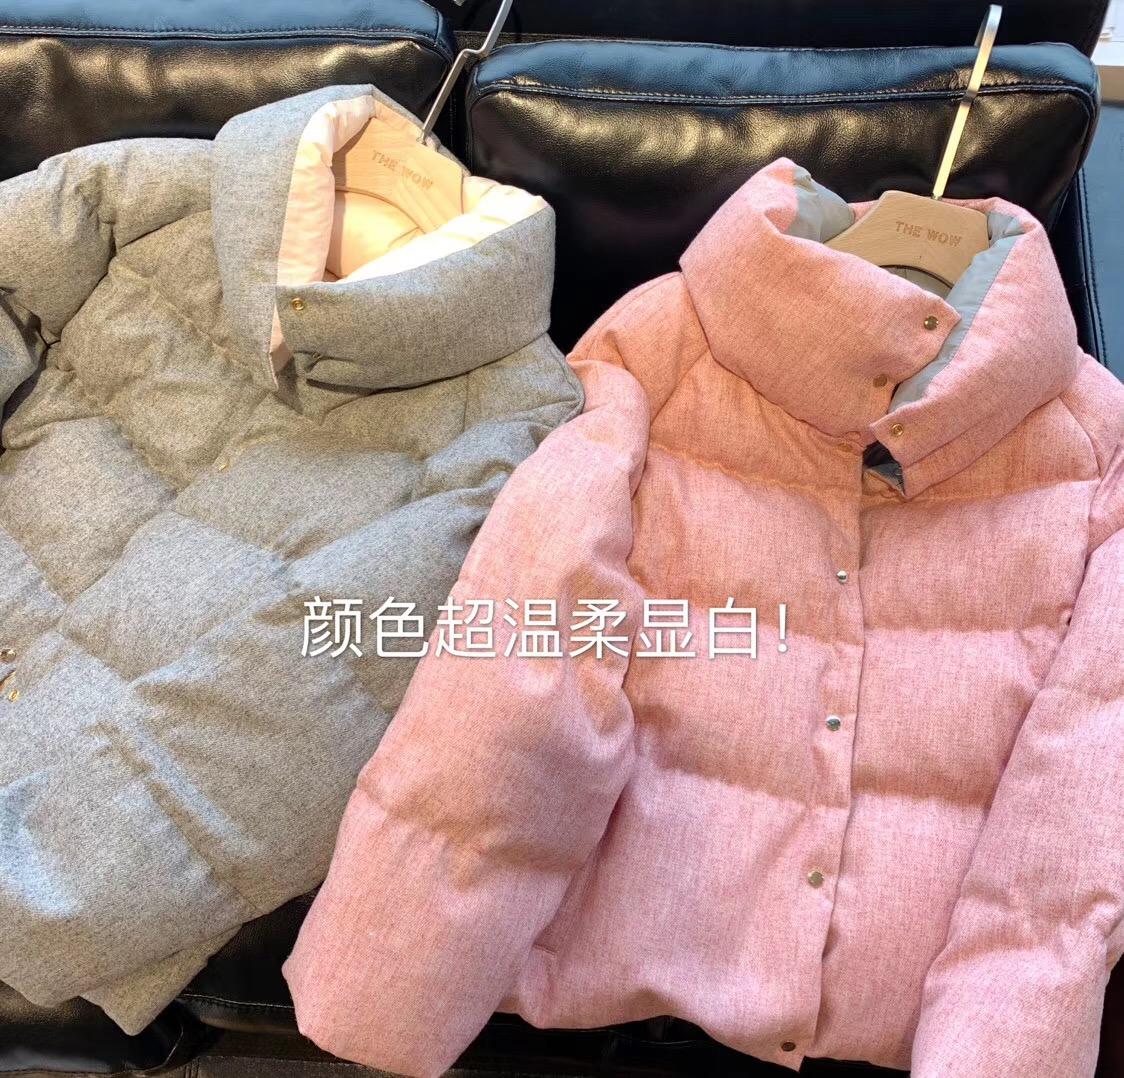 年终福利!高端轻奢 保暖 90白鹅绒 进口羊毛呢撞色短款